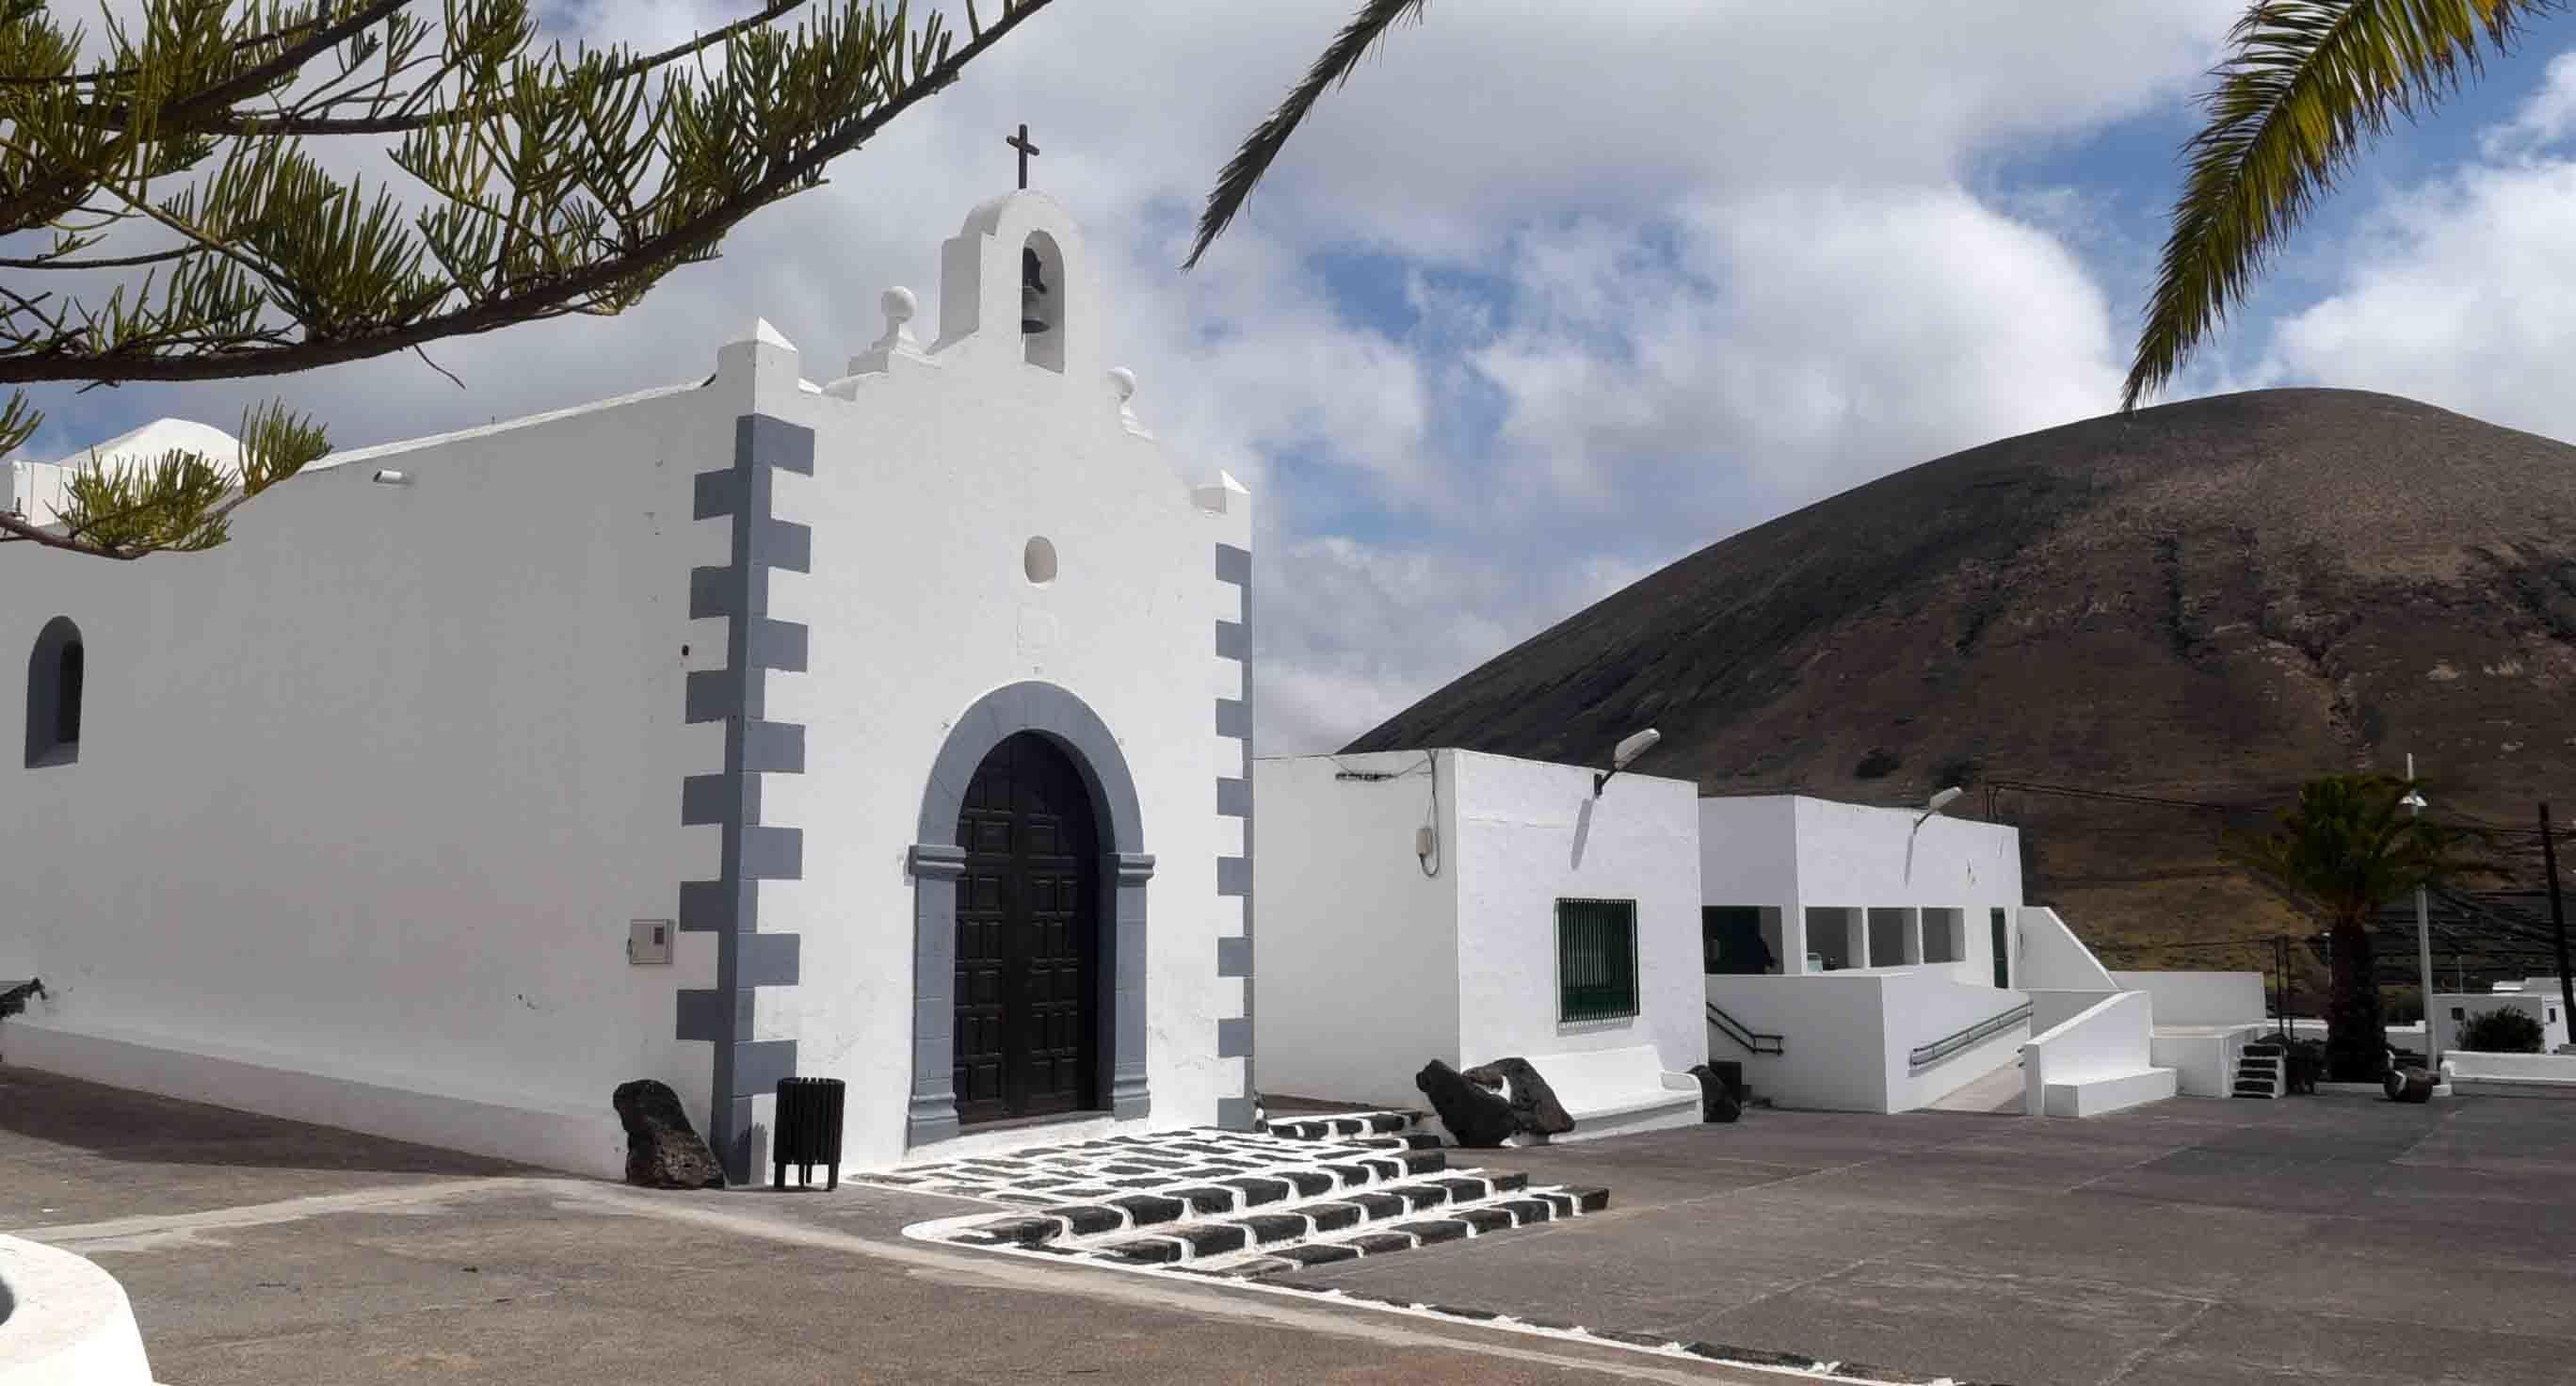 Las Fiestas de Mª Auxiliadora en la localidad de Montaña Blanca arrancan el 15 de mayo